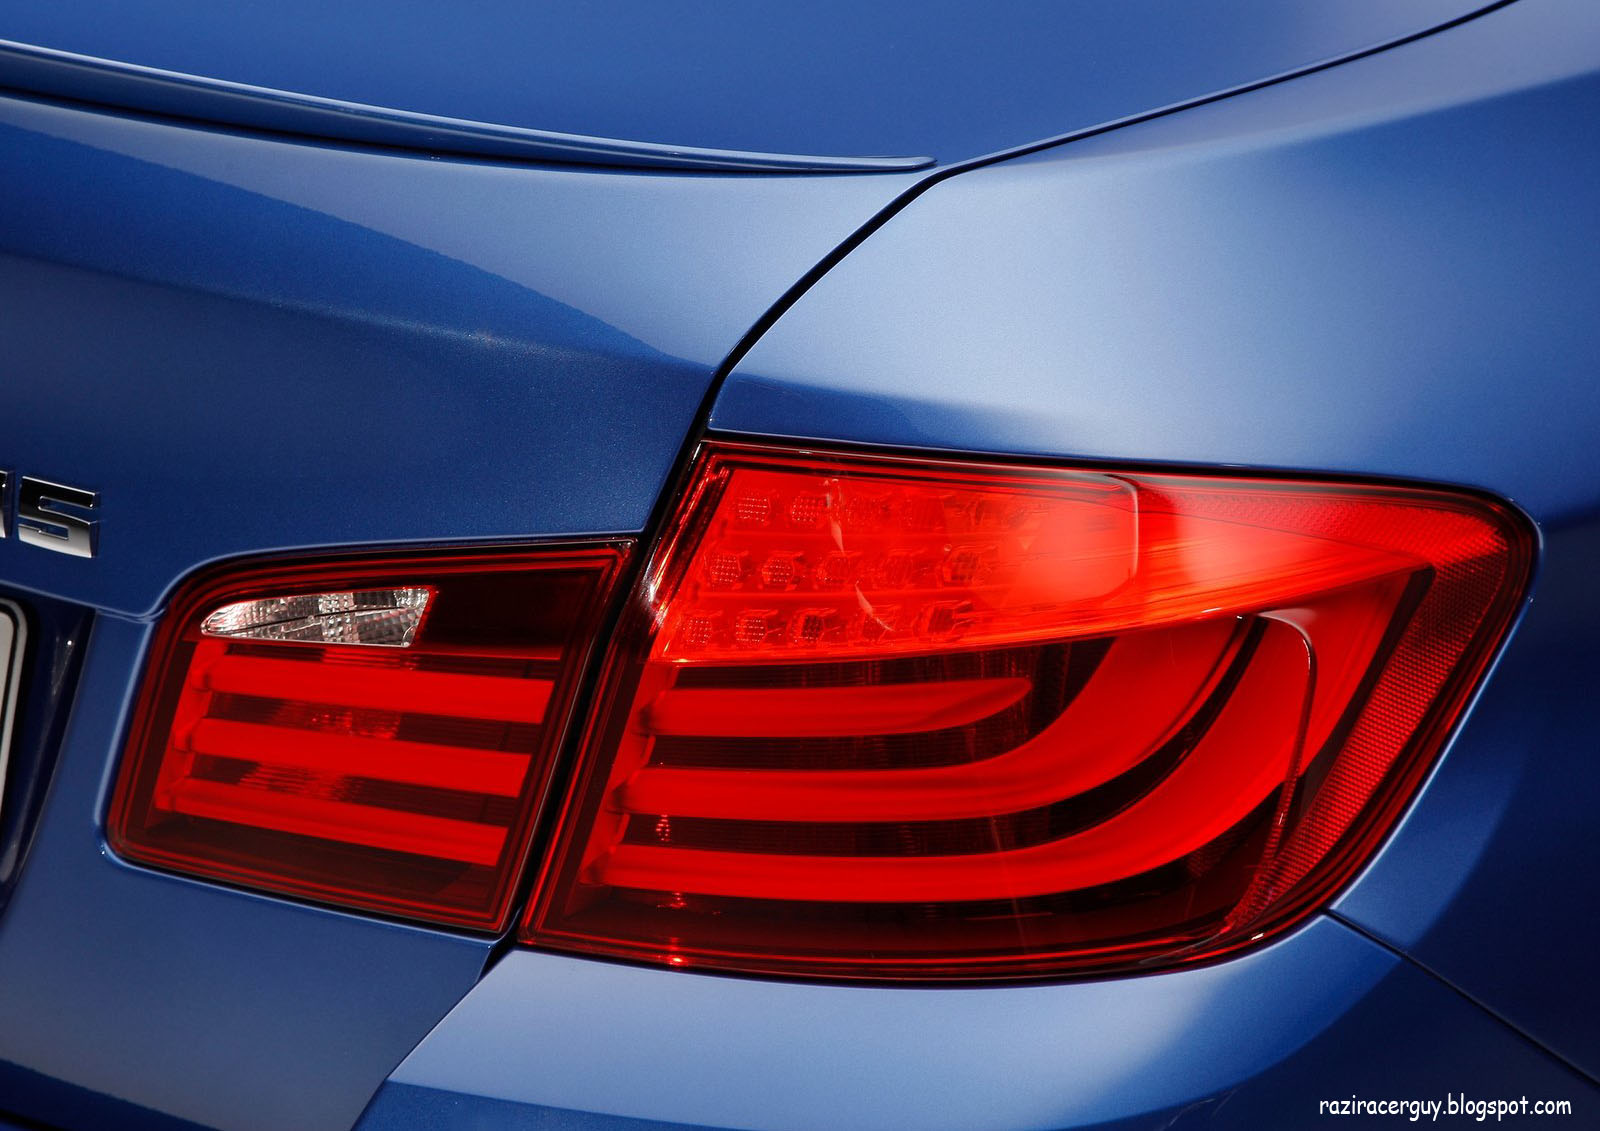 http://3.bp.blogspot.com/-kZK93HRNq94/Tfs6faZ0FeI/AAAAAAAAAjg/sMPBhaLvnQA/s1600/BMW-M5_2012_1600x1200_wallpaper_8c.jpg